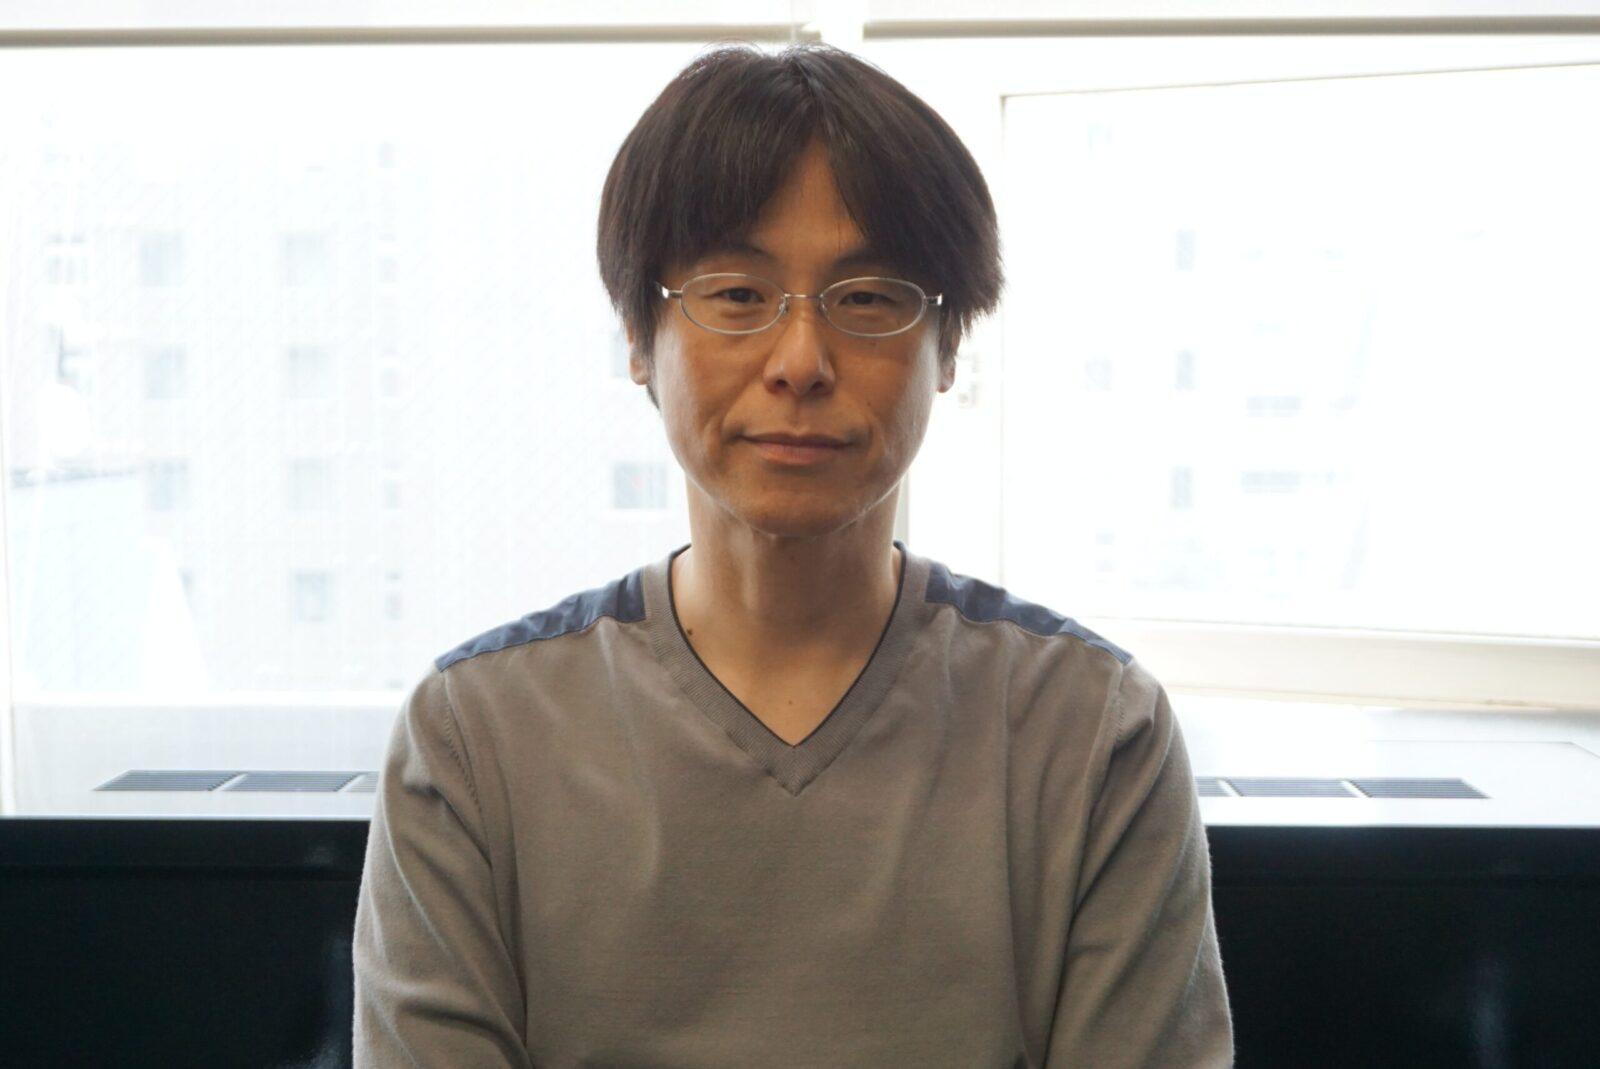 代表取締役社長の岩原将文さん